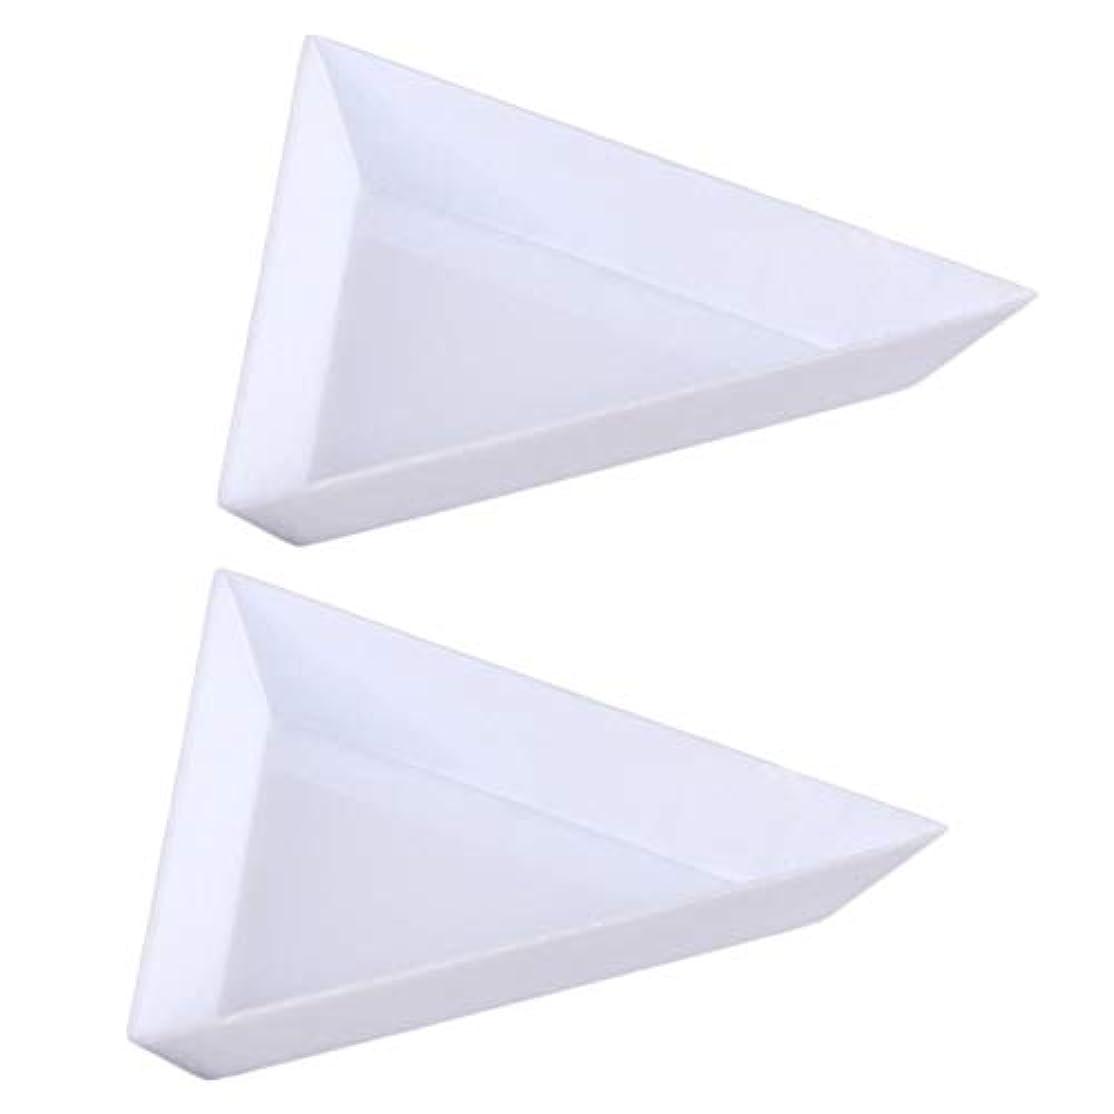 乱れ銅同情的TOOGOO 10個三角コーナープラスチックラインストーンビーズ 結晶 ネイルアートソーティングトレイアクセサリー白 DiyネイルアートデコレーションDotting収納トレイ オーガニゼーションに最適